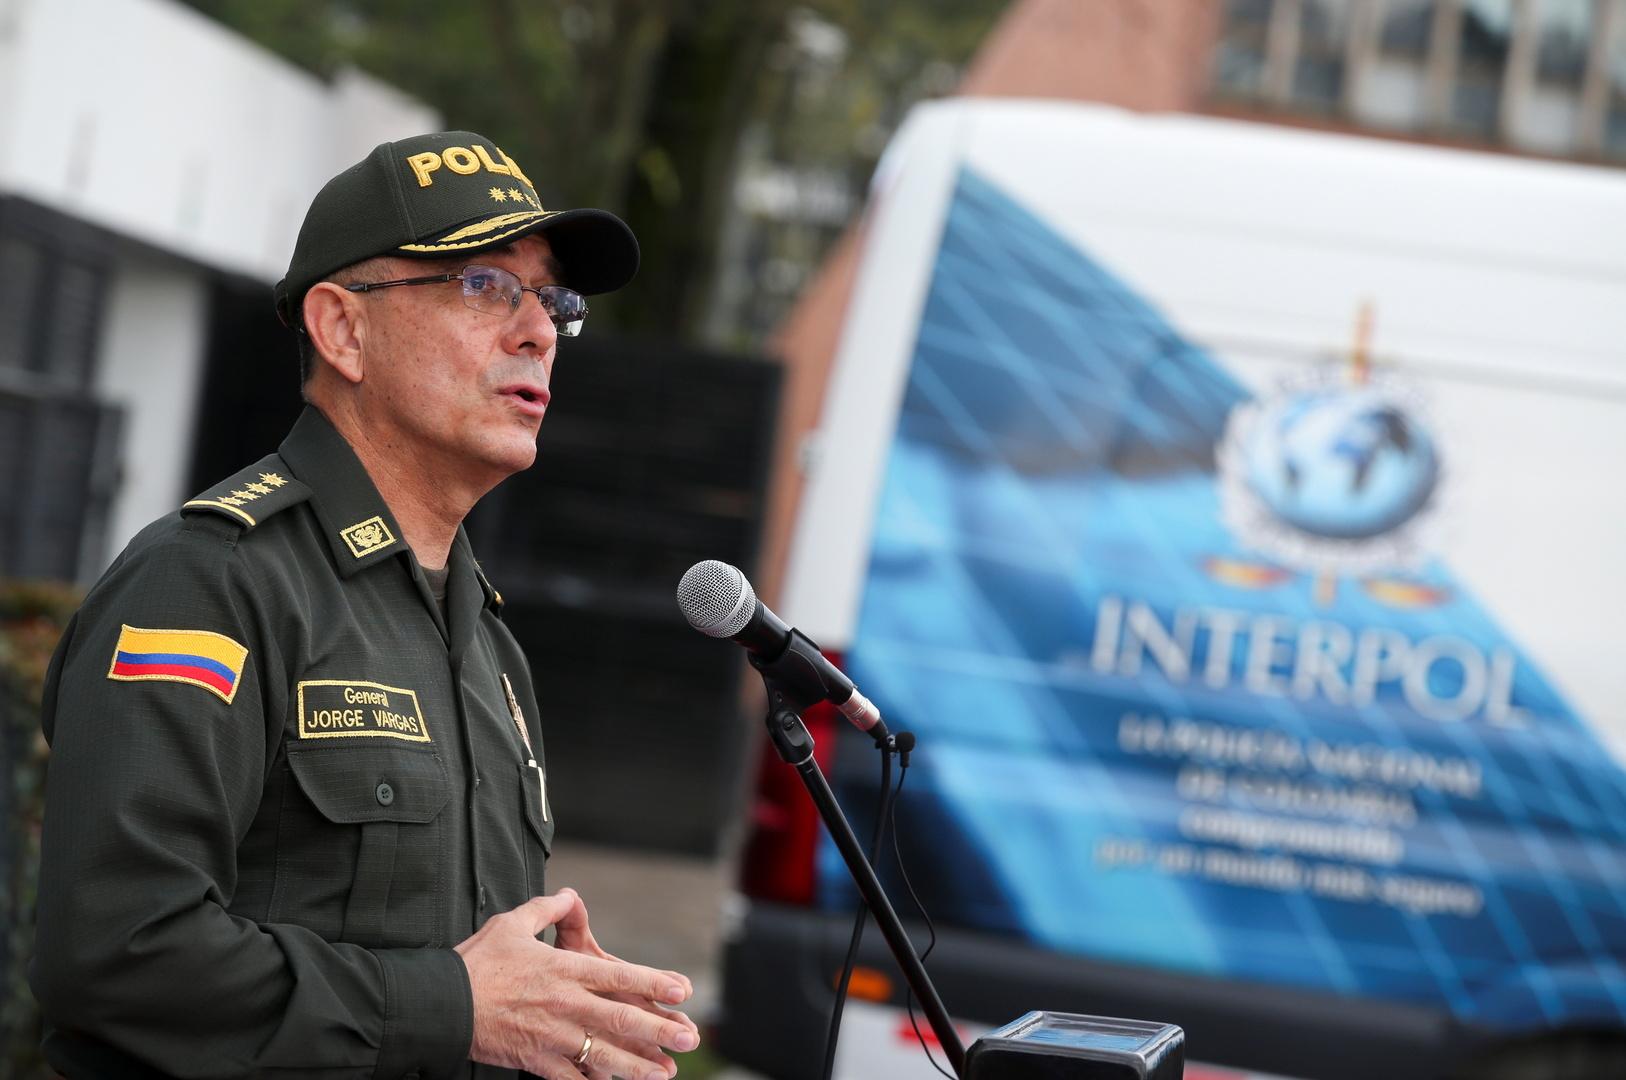 شرطة كولومبيا: هناك مذكرة اعتقال للإنتربول بحق مدبر محاولة اغتيال الرئيس دوكي